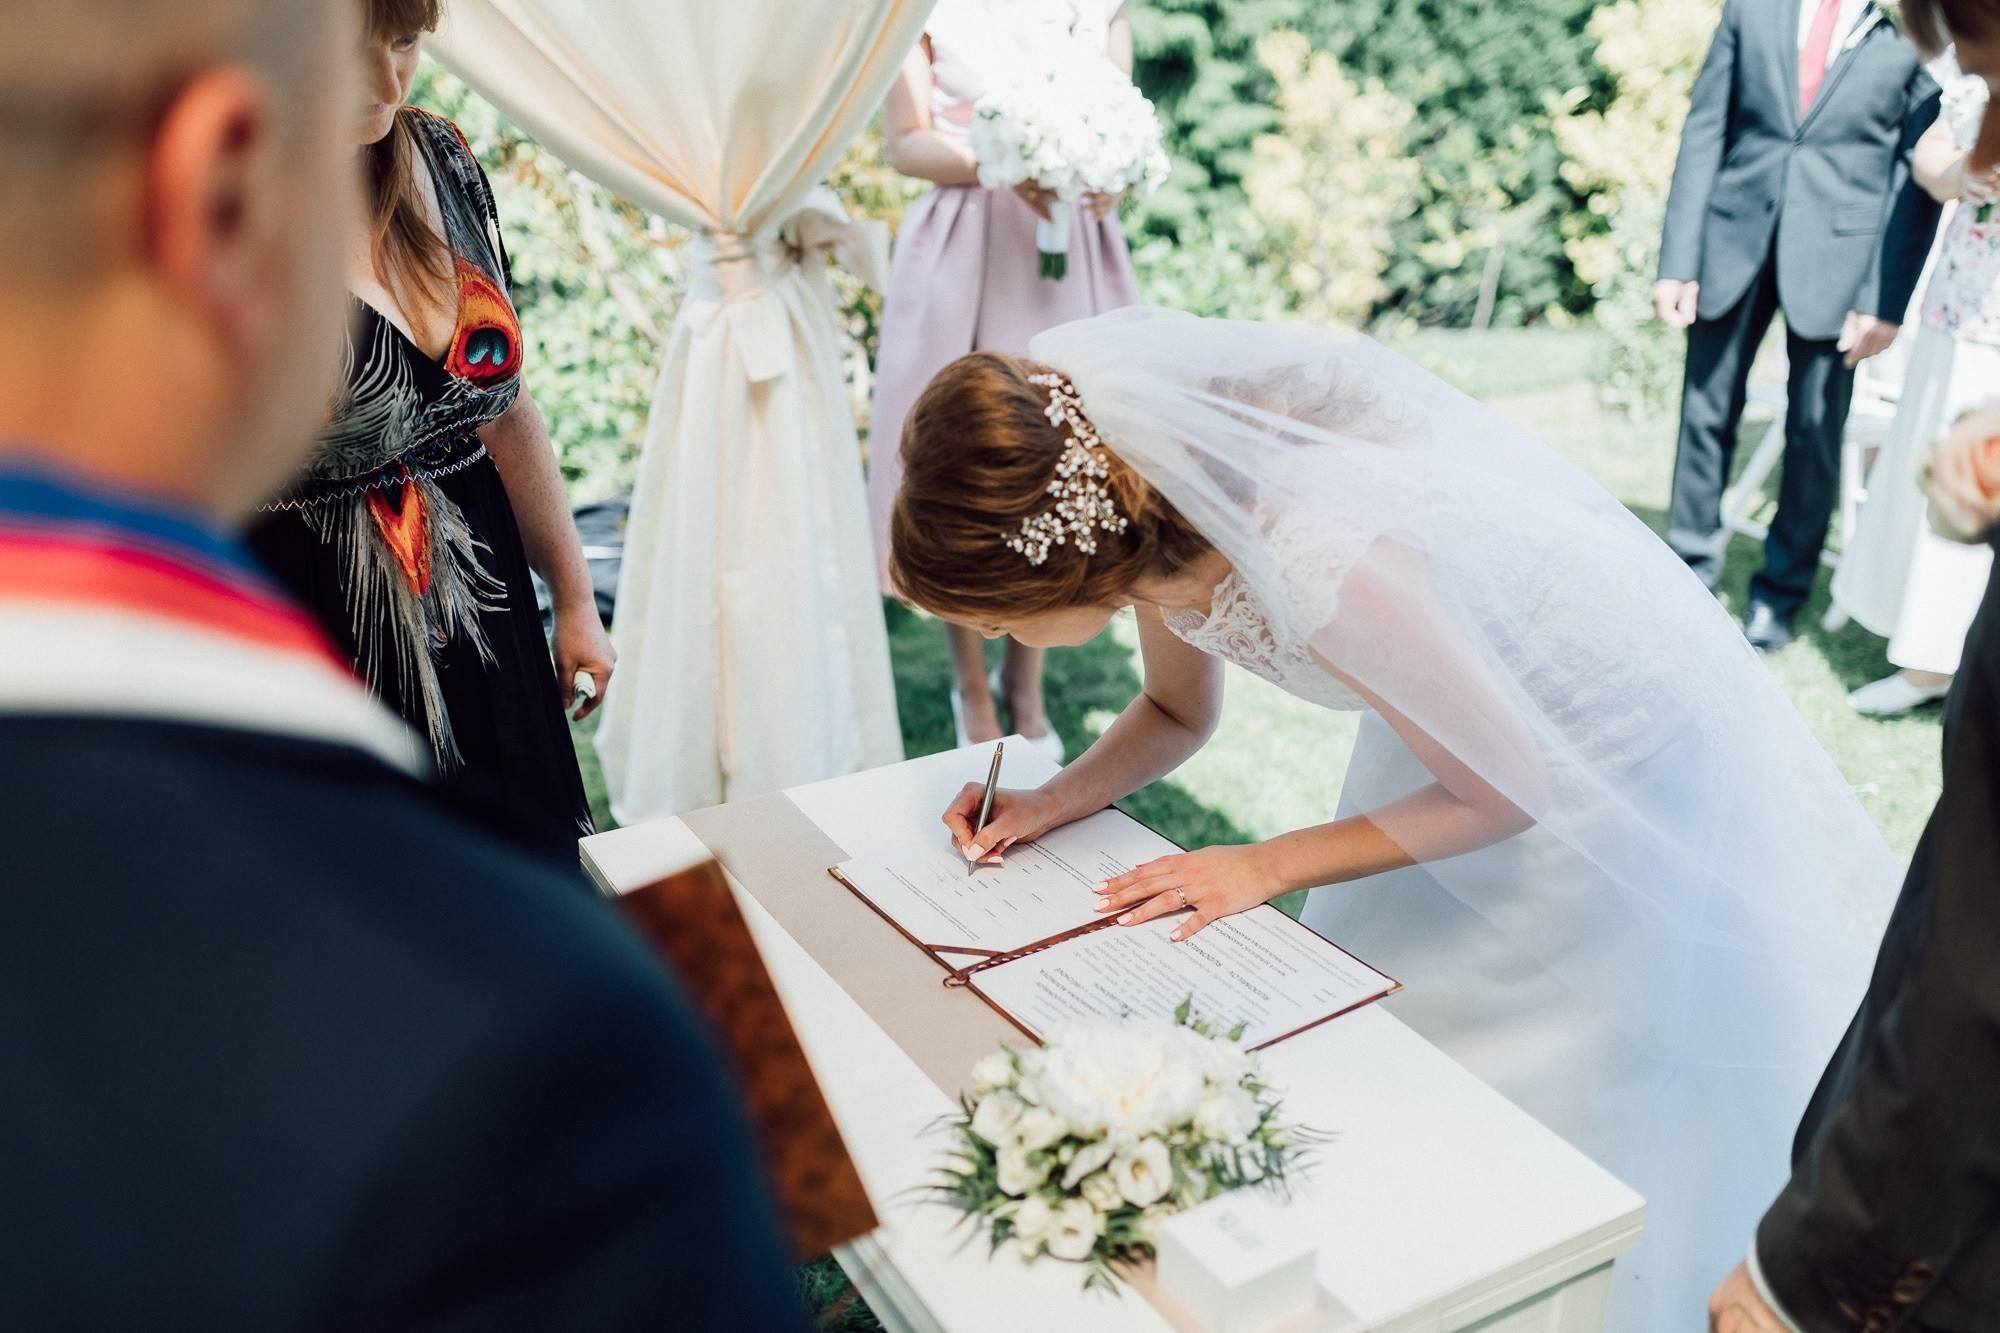 Еврейские свадебные торжества, обряды и традиции